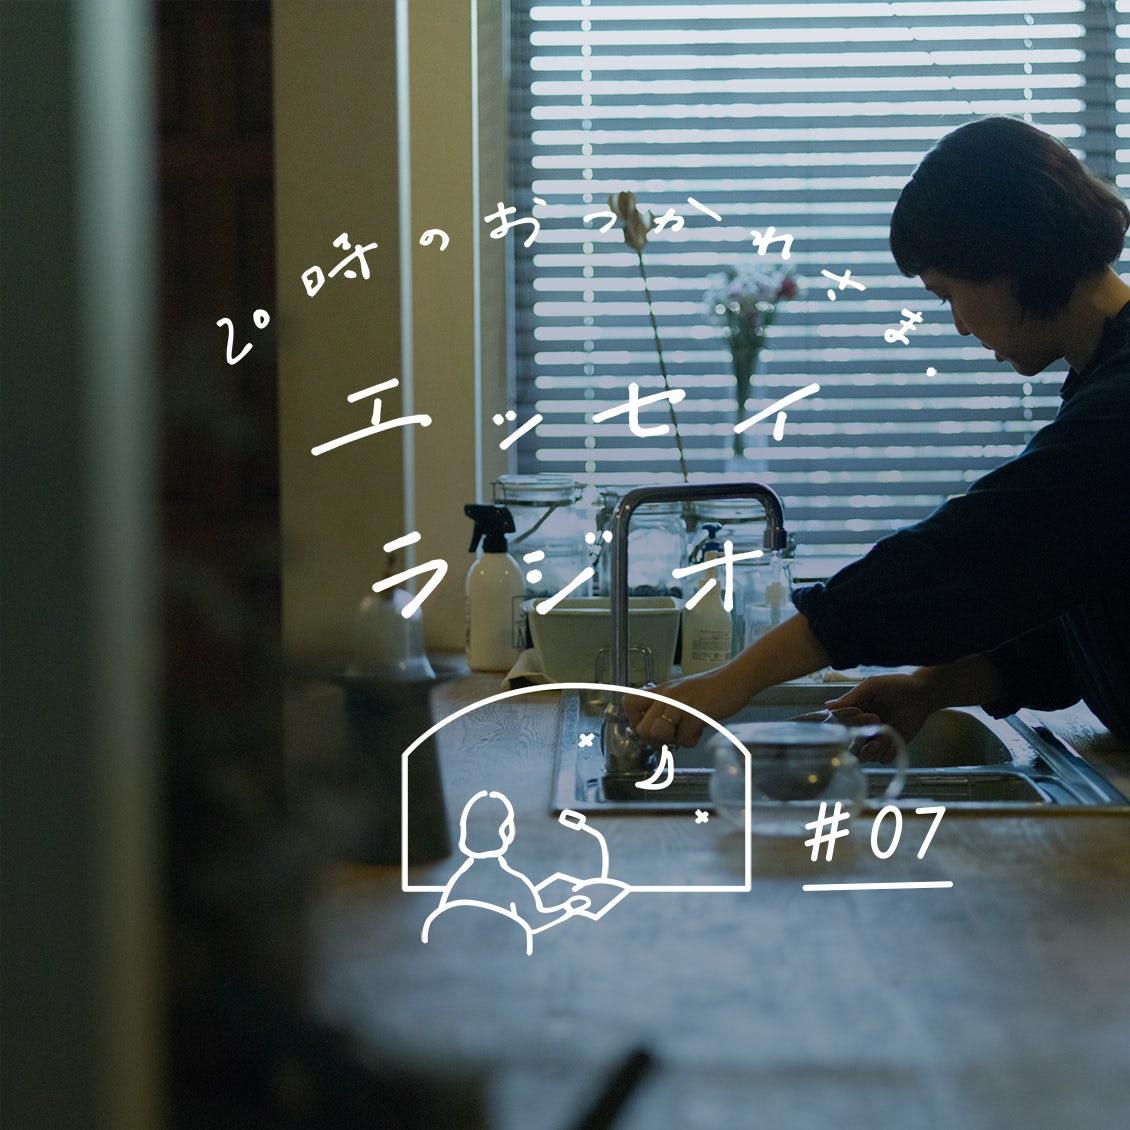 【エッセイラジオ】第7夜:齋藤 美和さんのエッセイ「ふたりの母」(読み手:スタッフ寿山)